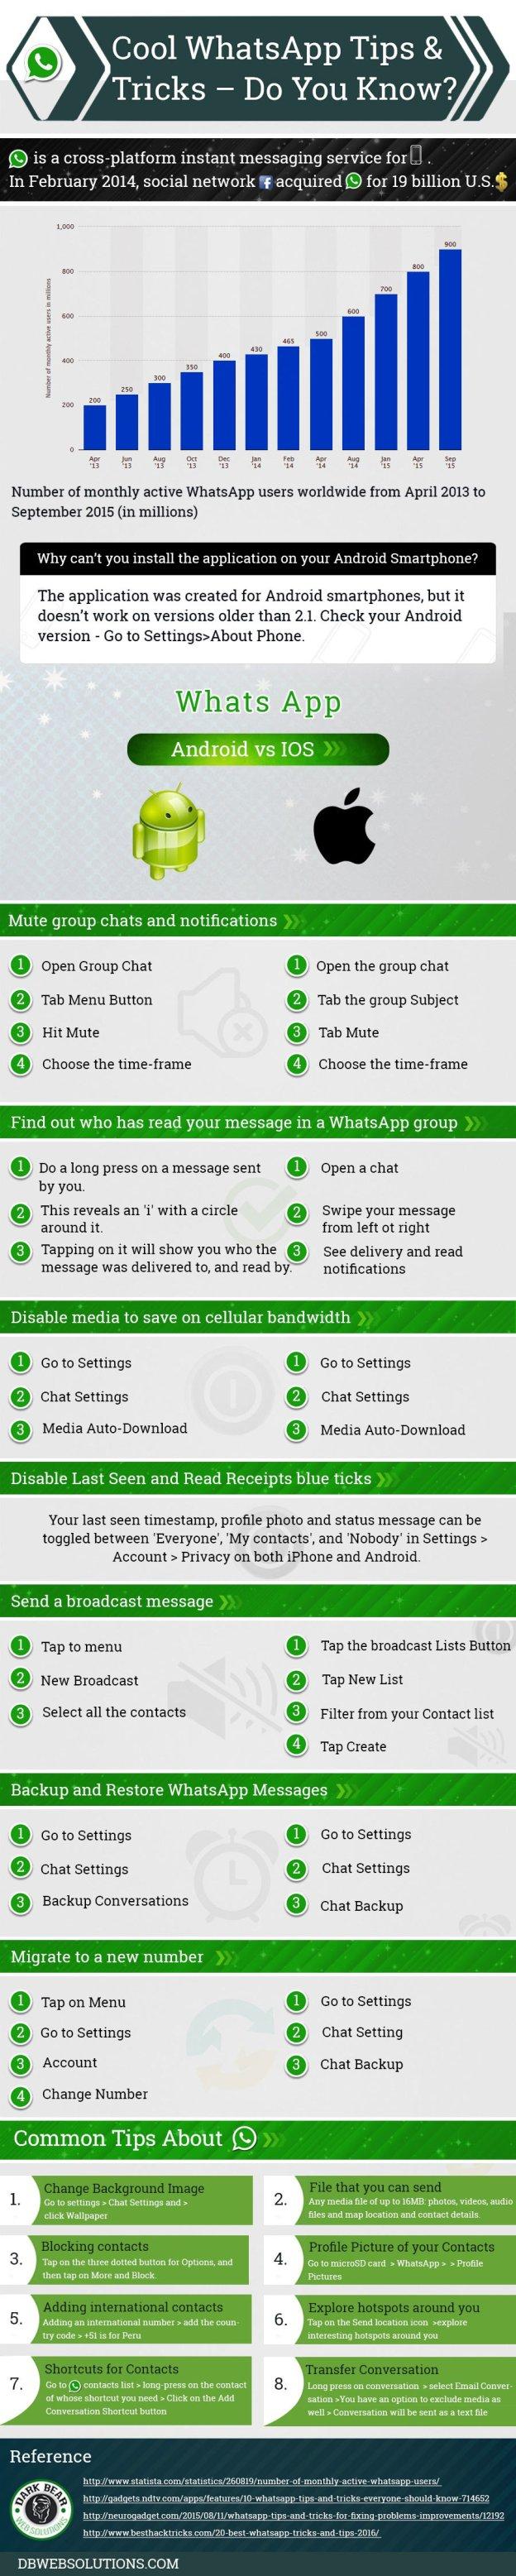 whatsapp-tips-tricks-hacks